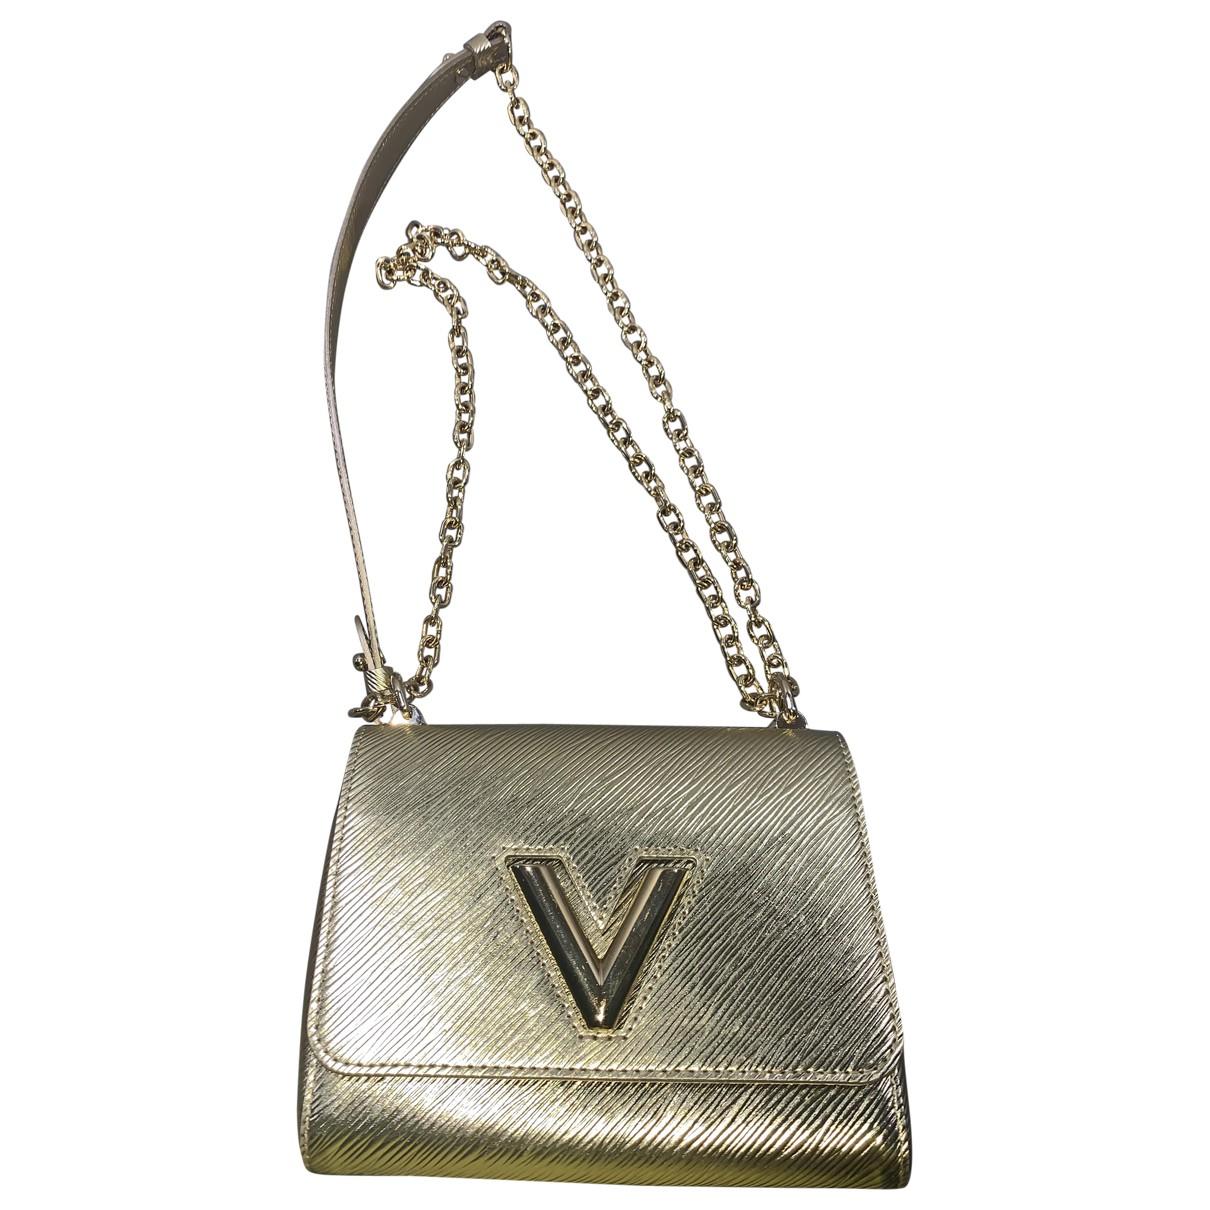 Louis Vuitton - Sac a main Twist pour femme en cuir - dore